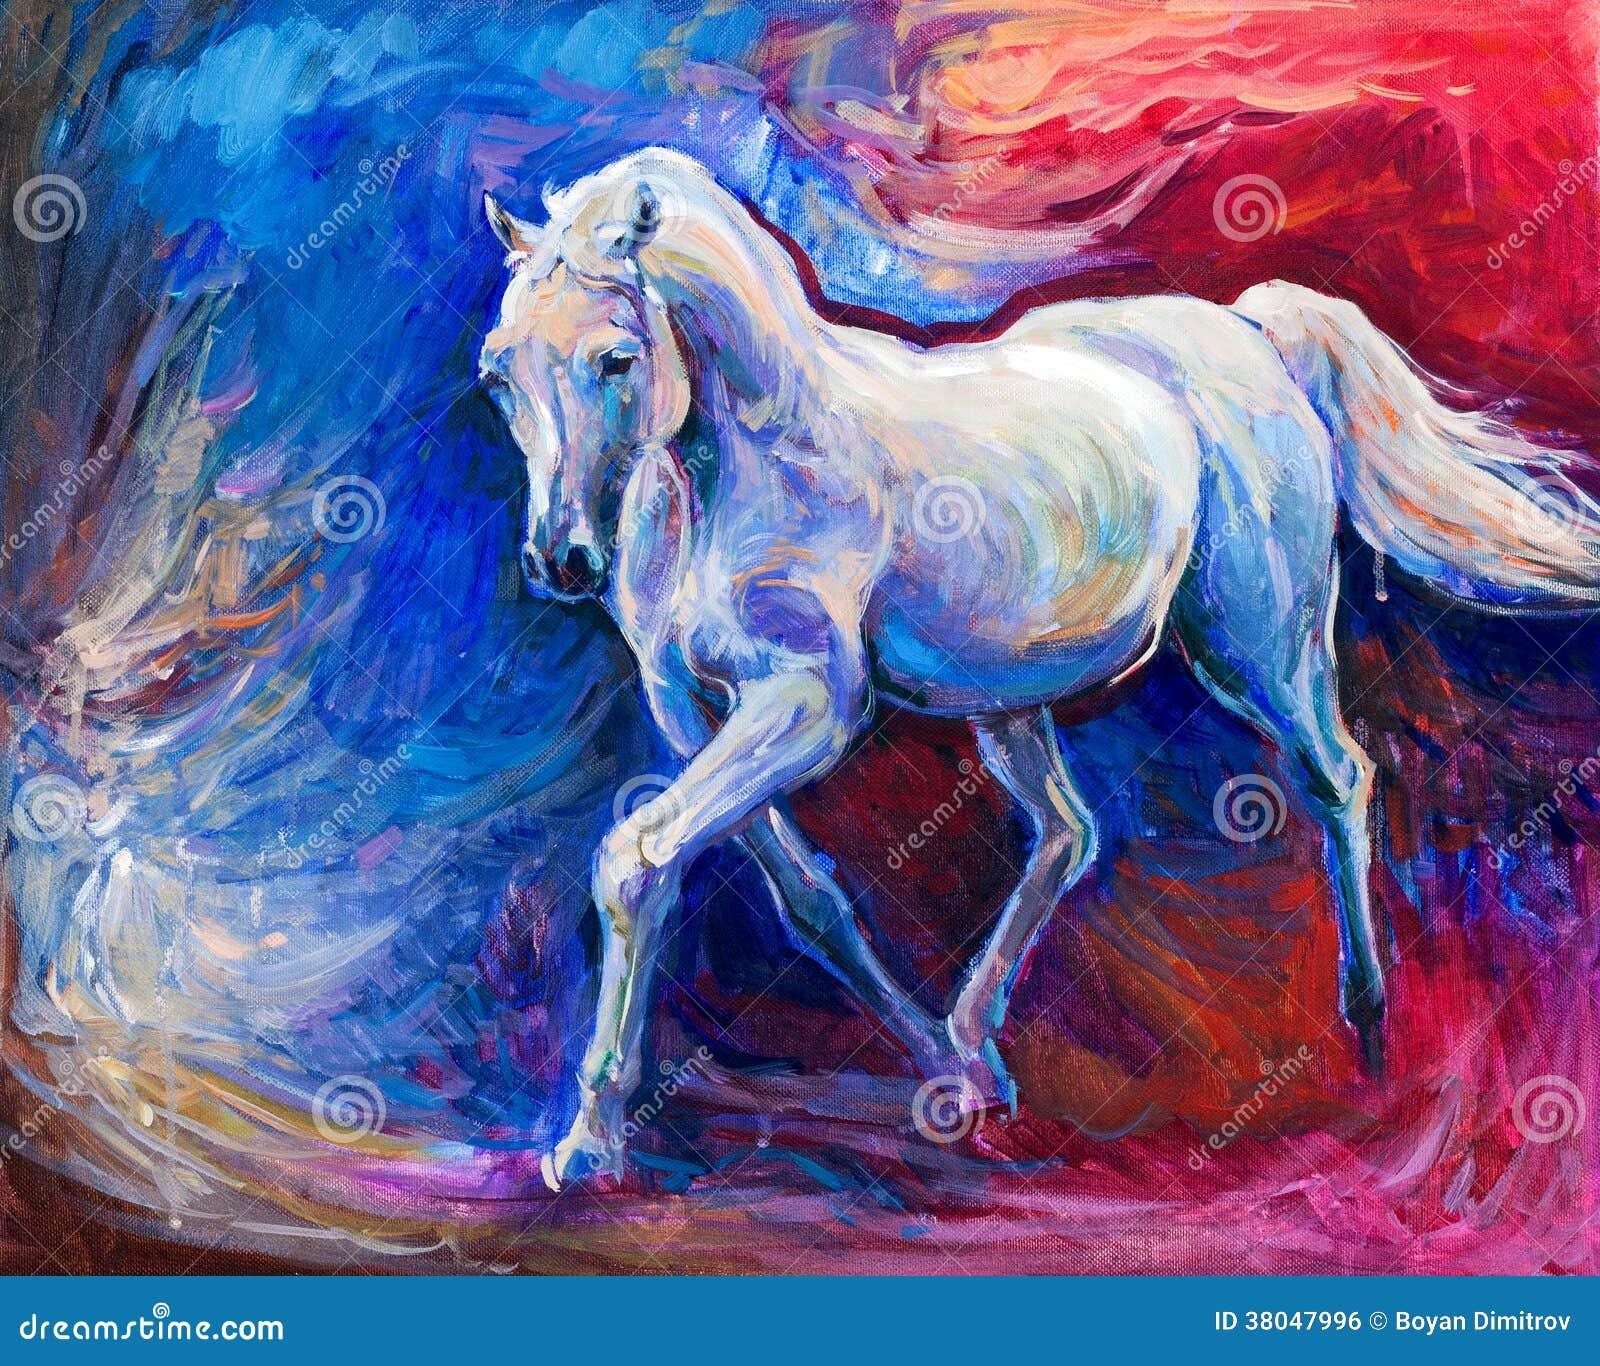 美好的蓝色马赛跑的原始的抽象油画.现代impressionism.图片